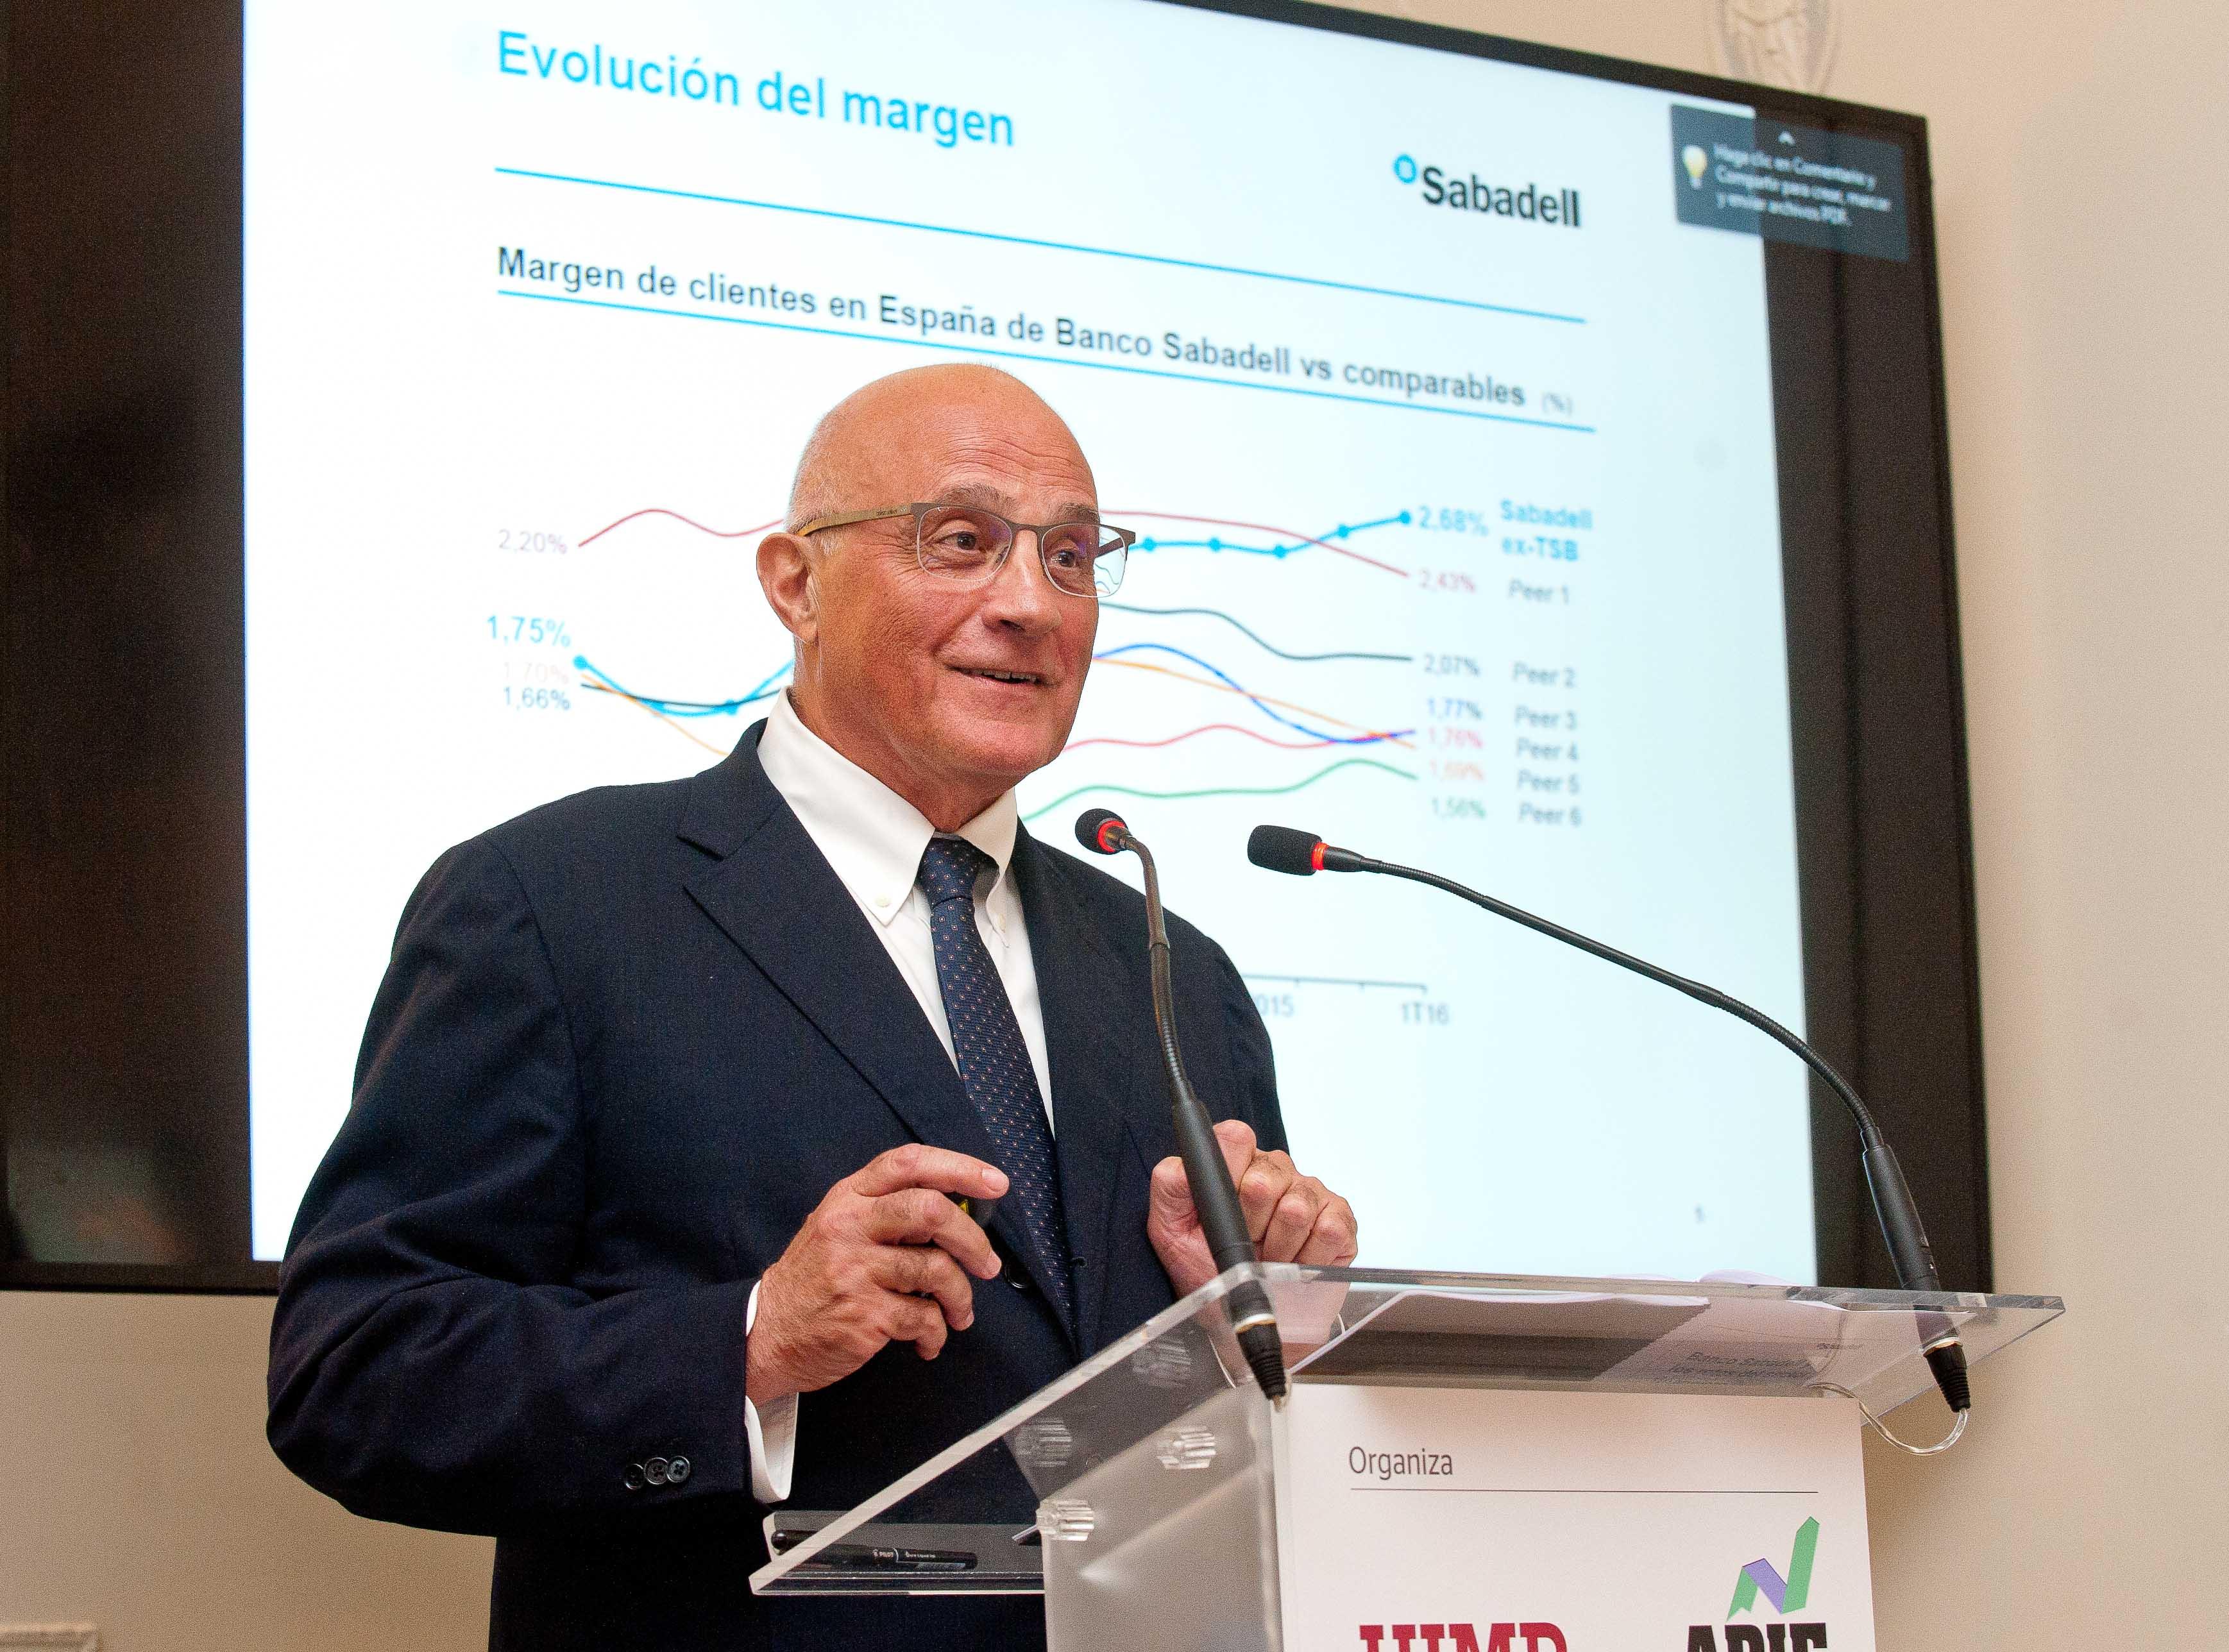 Josep Oliu, presidente del Banco Sabadell, durante su intervención en el curso de verano organizado por APIE en la Universidad Menéndez Pelayo de Santander.